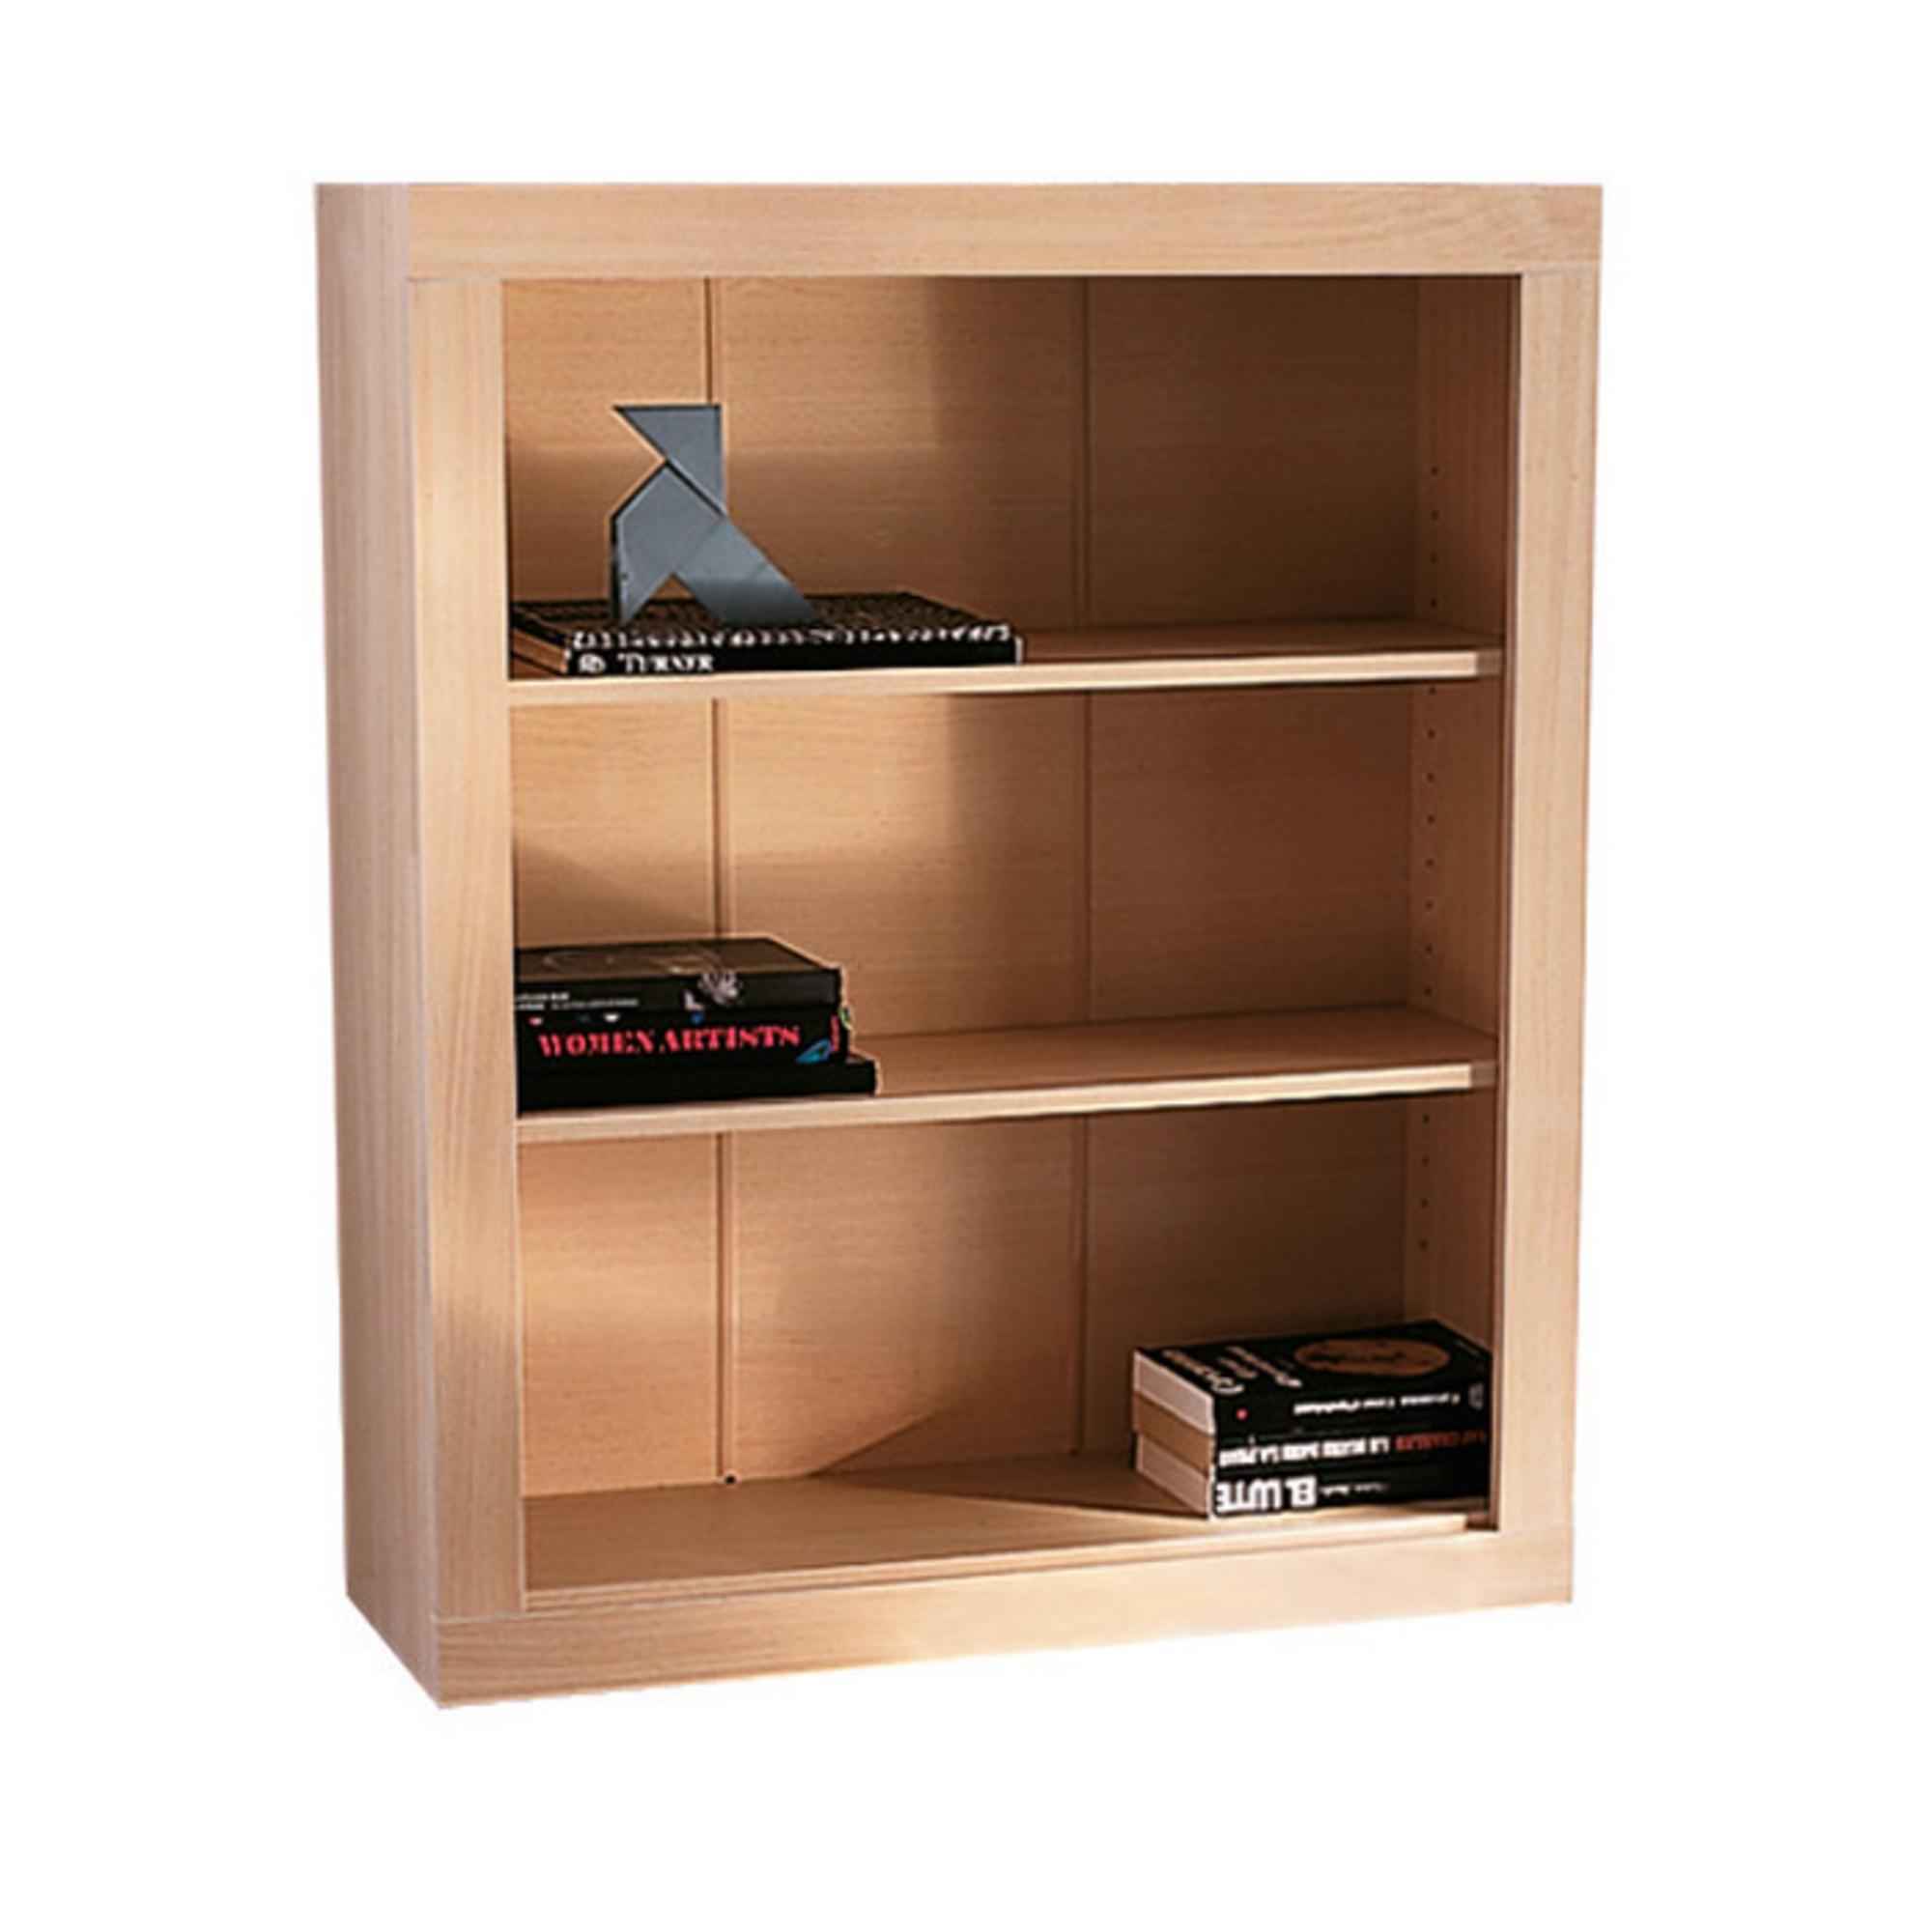 biblioth que hauteur 100 cm oxo h tre frais de traitement de commande offerts acheter ce. Black Bedroom Furniture Sets. Home Design Ideas